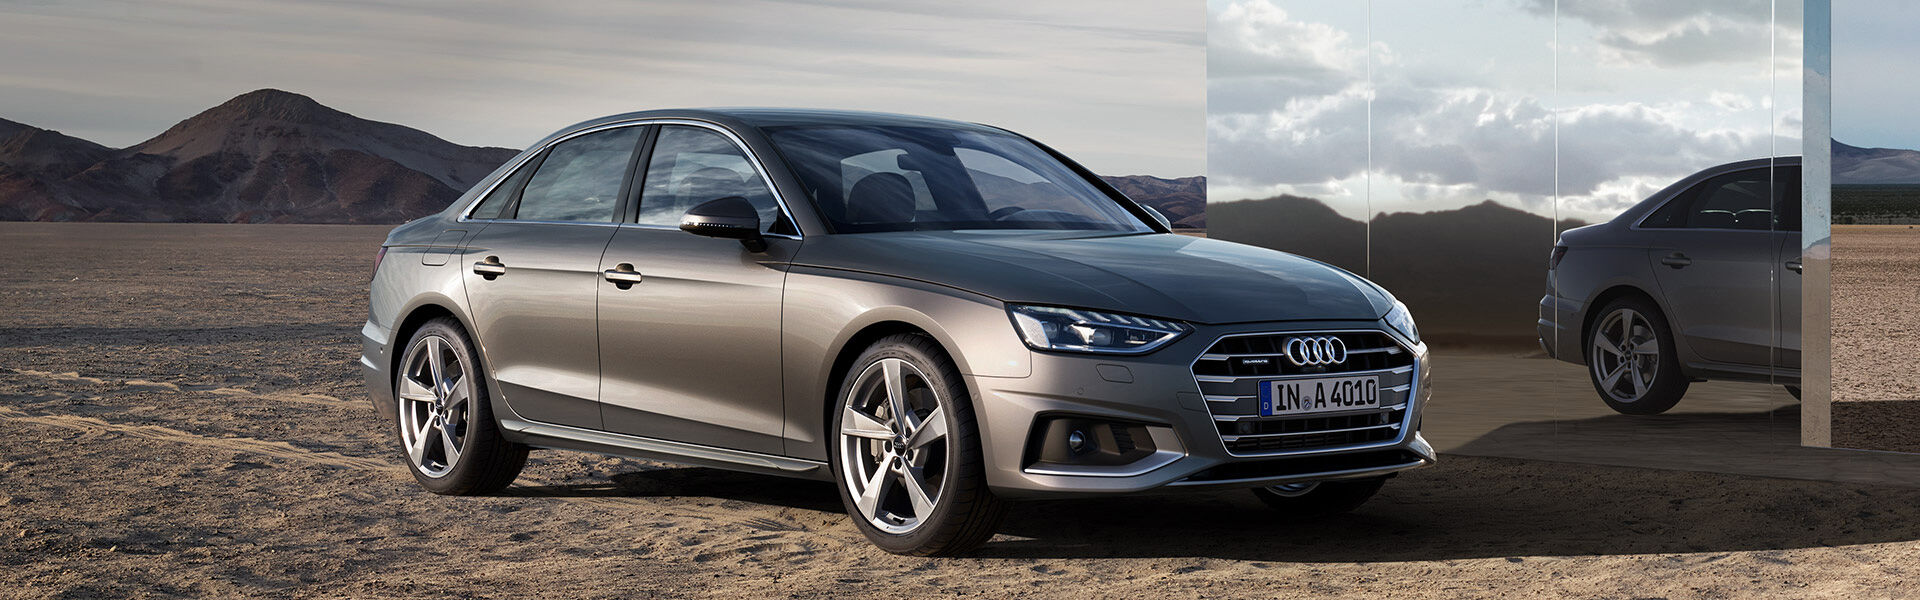 The all-new A4 Sedan